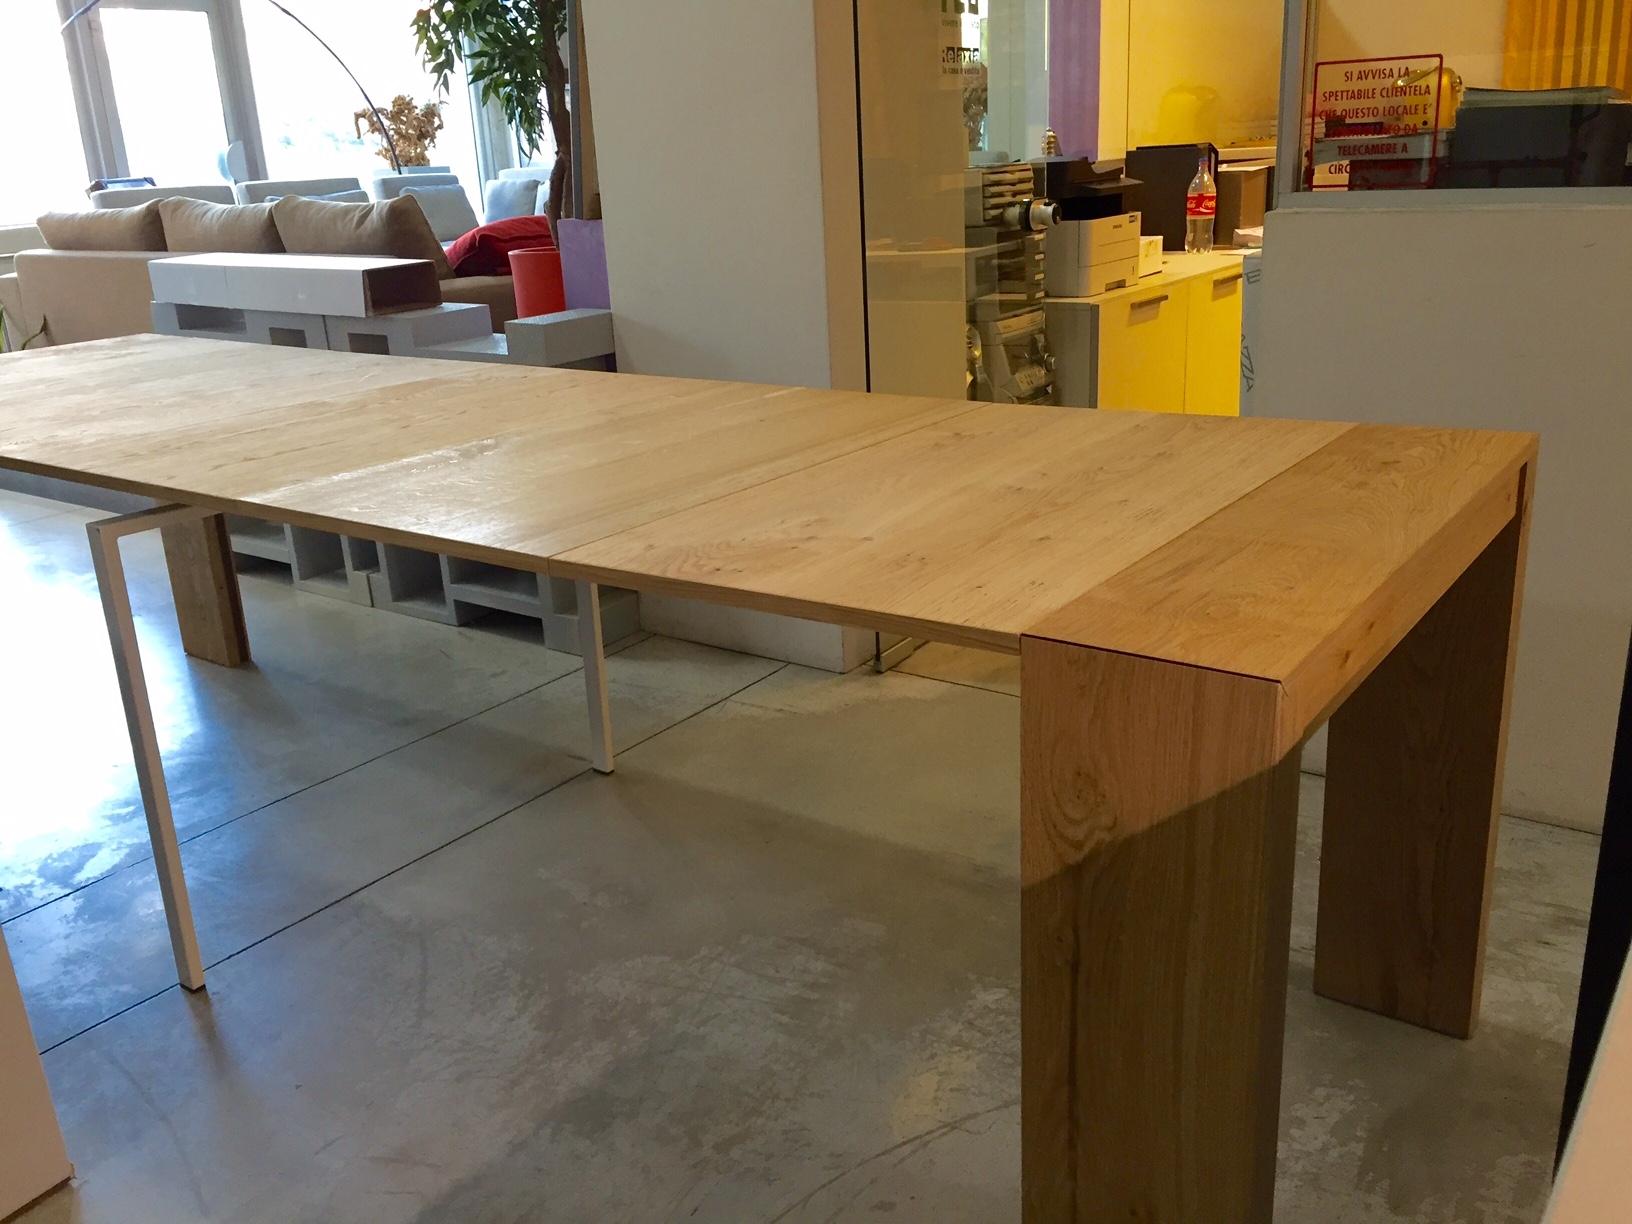 Tavoli a consolle prezzi tavolo consolle quad with tavoli - Tavolo riflessi prezzi ...